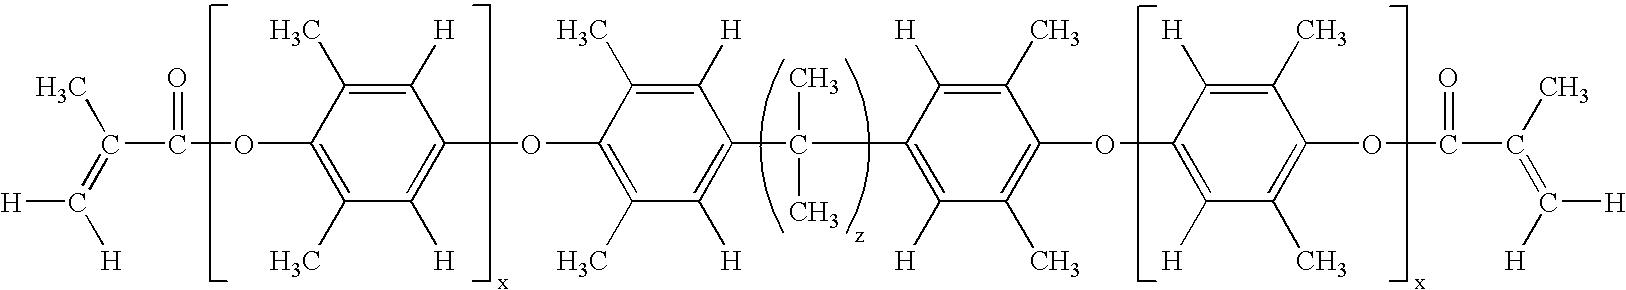 Figure US20080051522A1-20080228-C00006